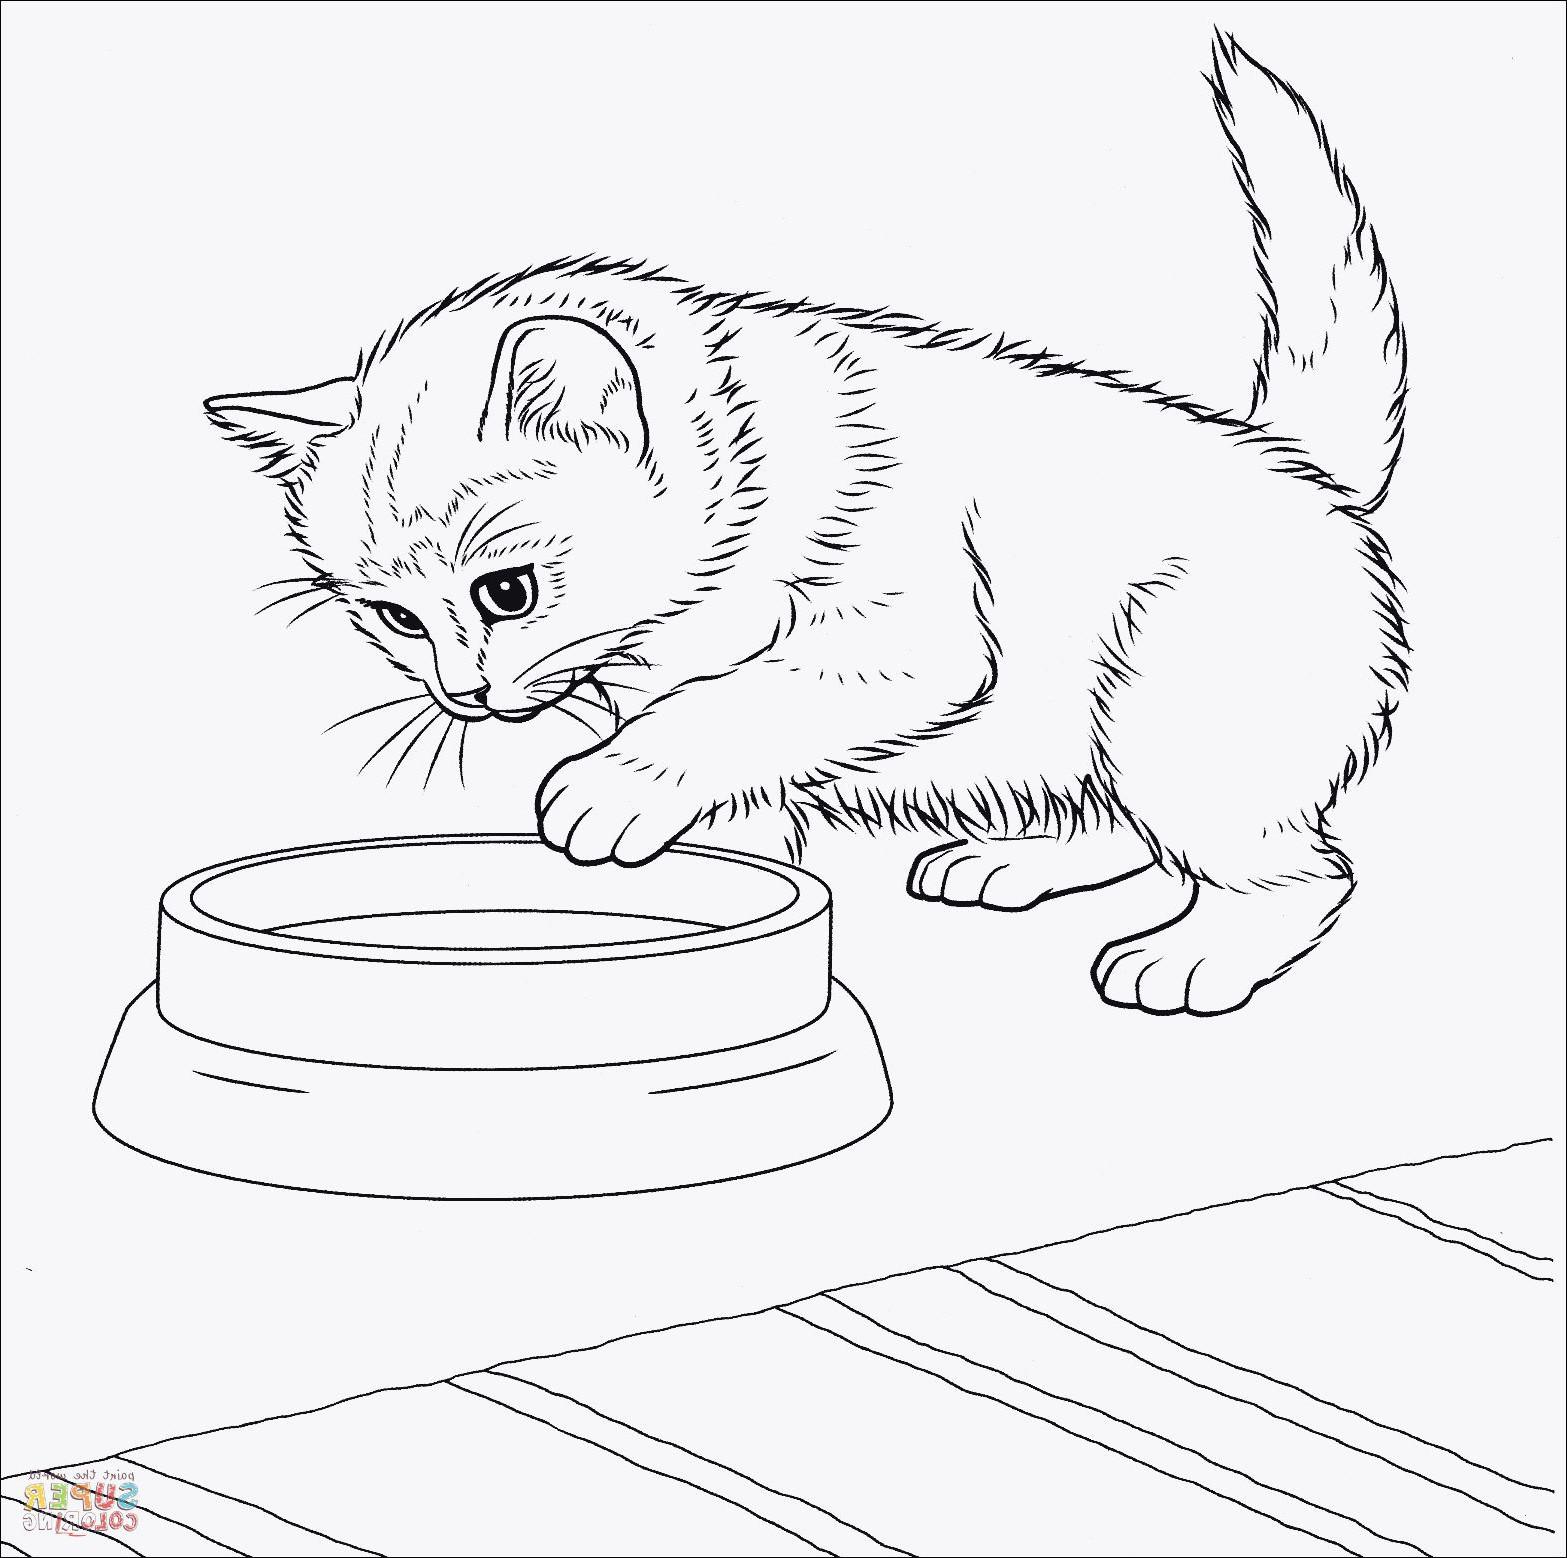 Ausmalbilder Dragons Auf Zu Neuen Ufern Neu 27 Neu Katzen Ausmalbilder – Malvorlagen Ideen Stock